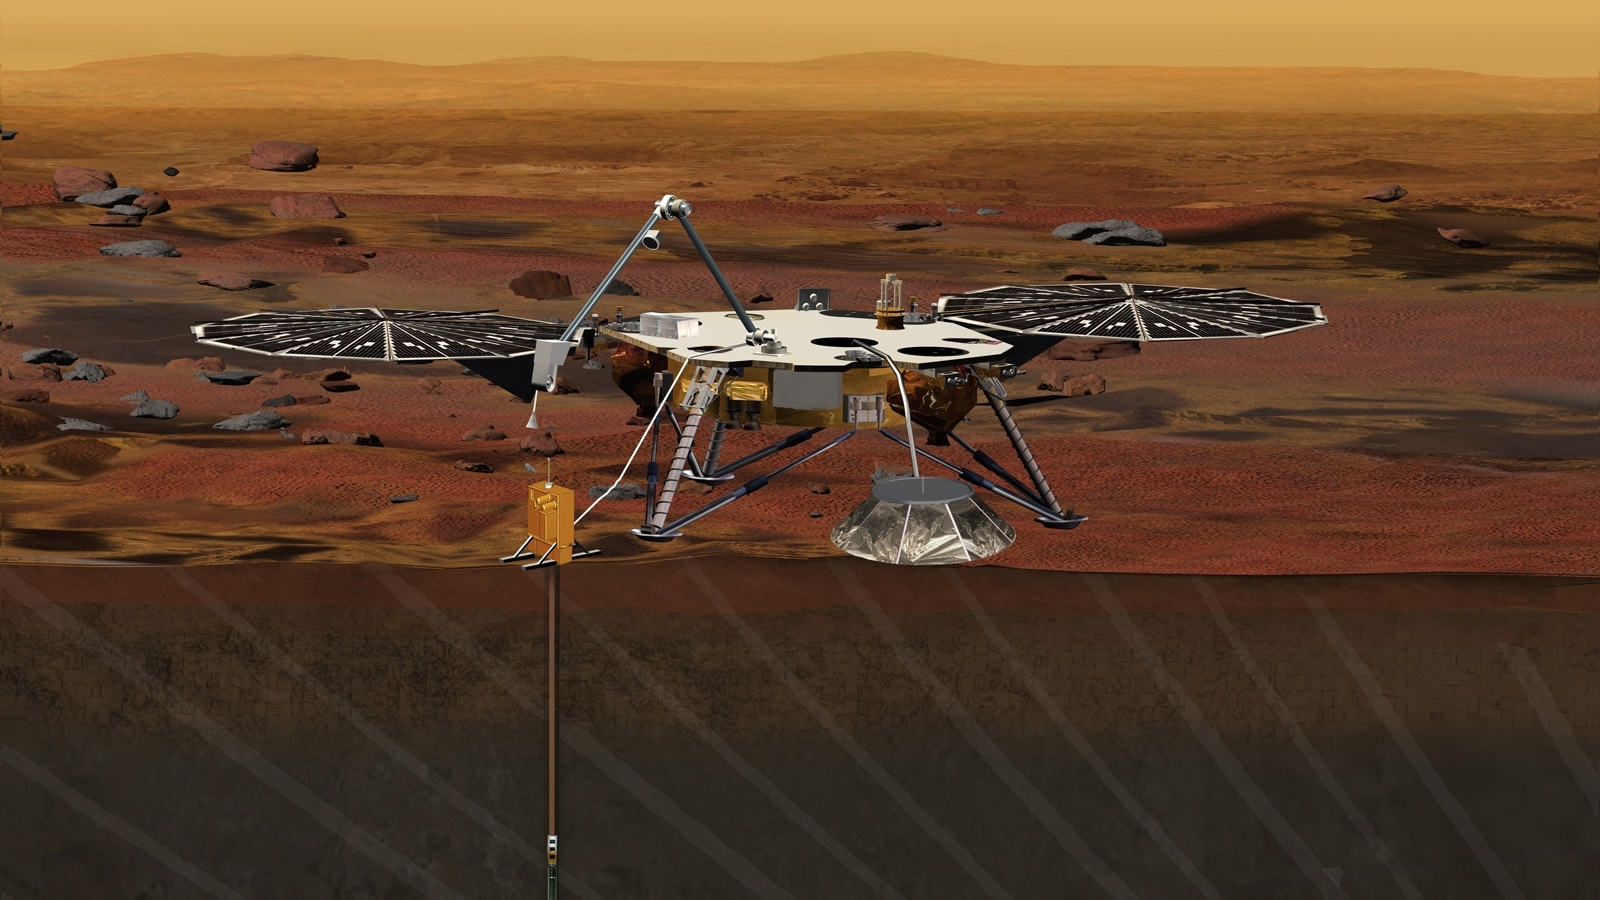 InSight Mars lander